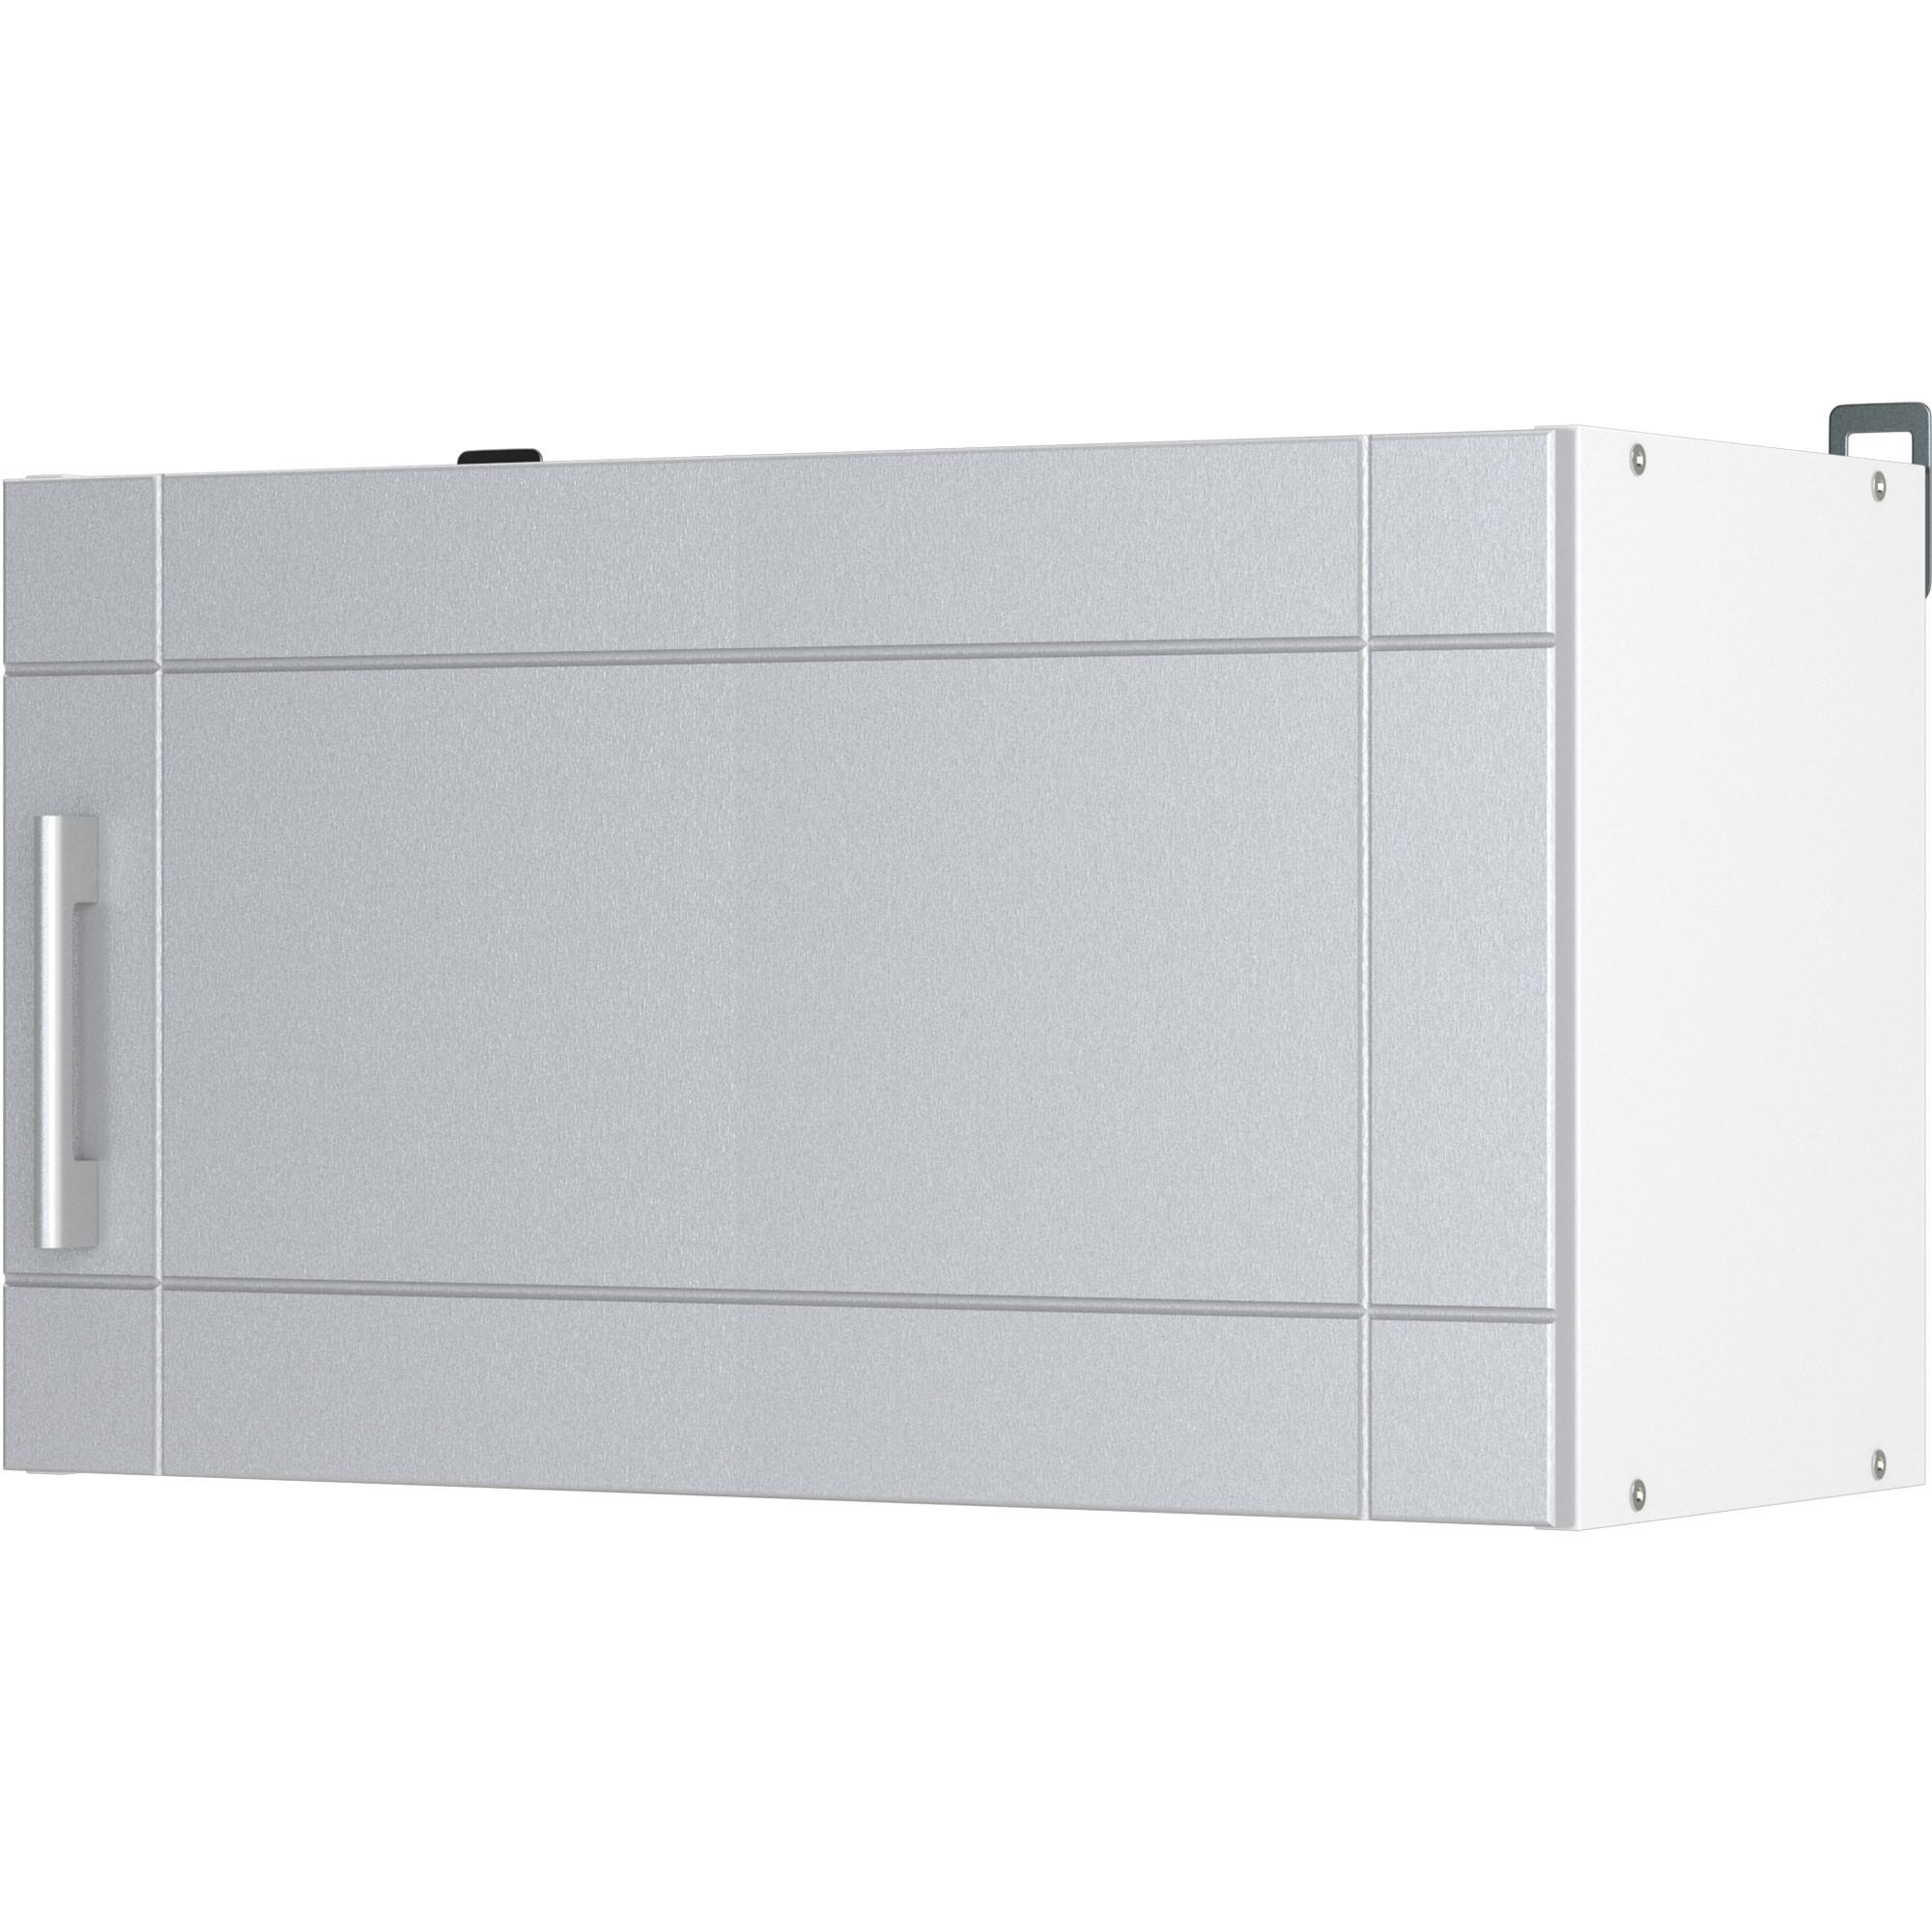 """Шкаф над вытяжкой """"Тортора"""" 60x35x29 см, МДФ, цвет серый"""